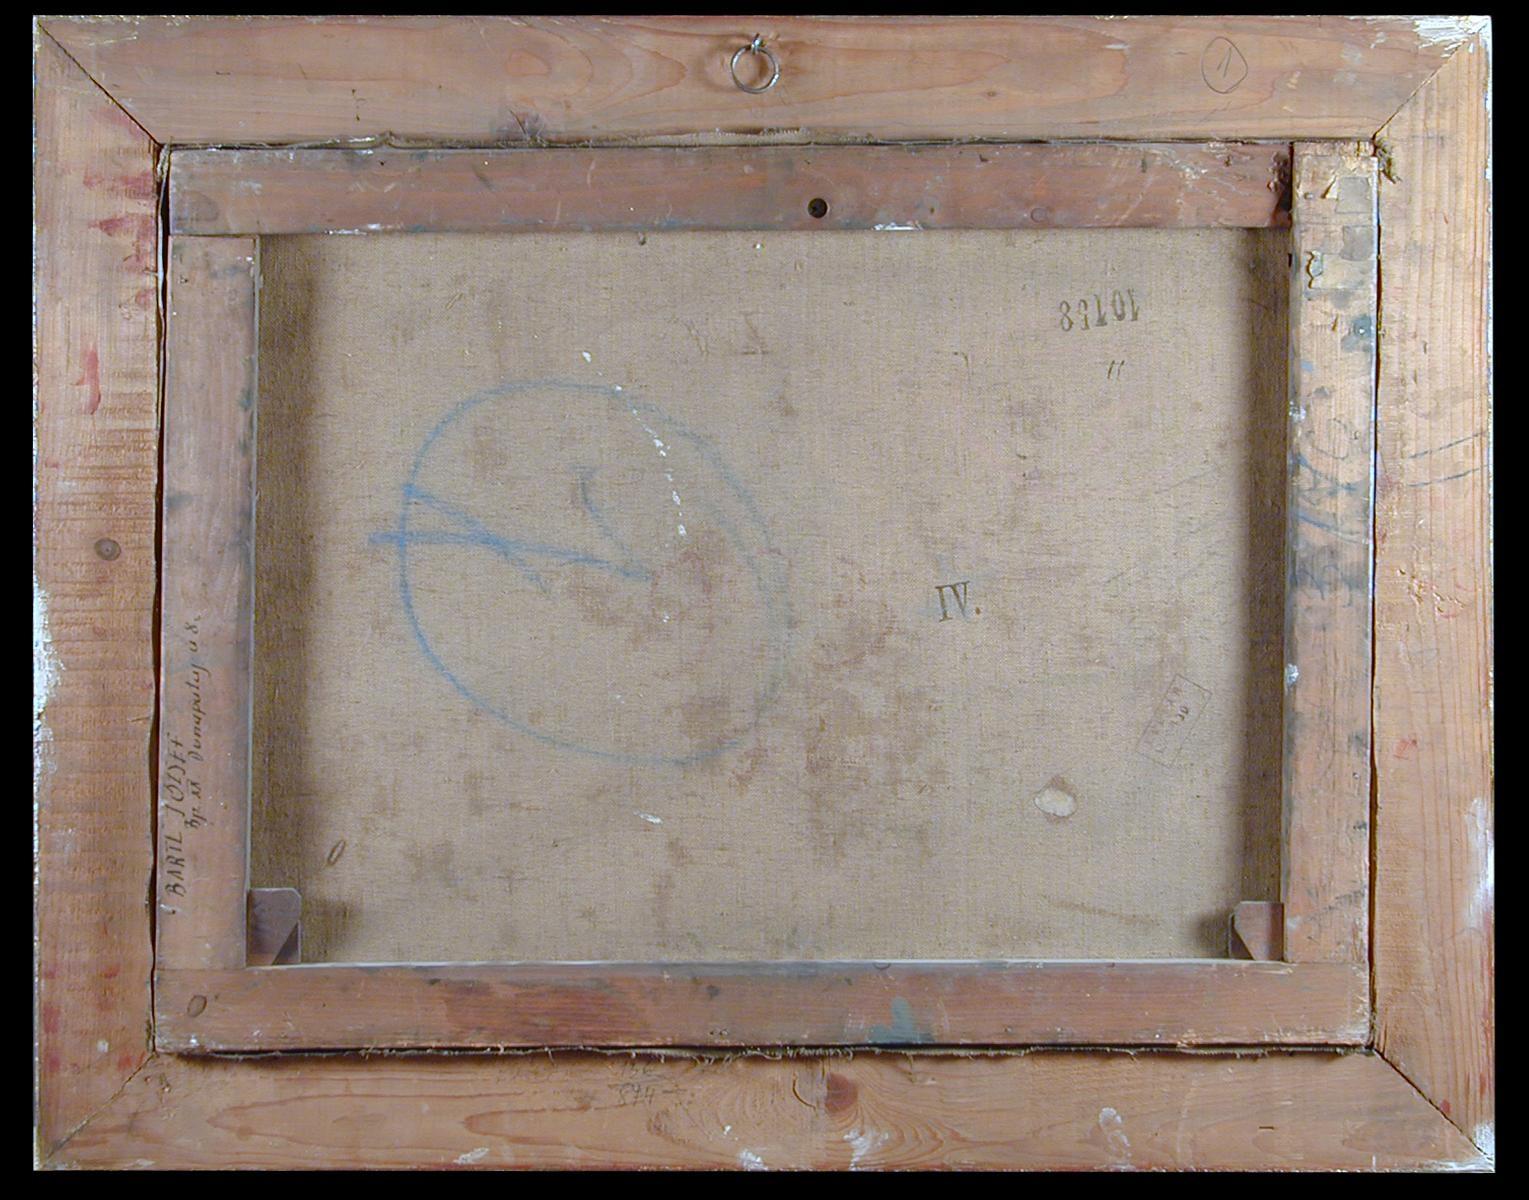 DSCN0006.JPG (1529×1200)